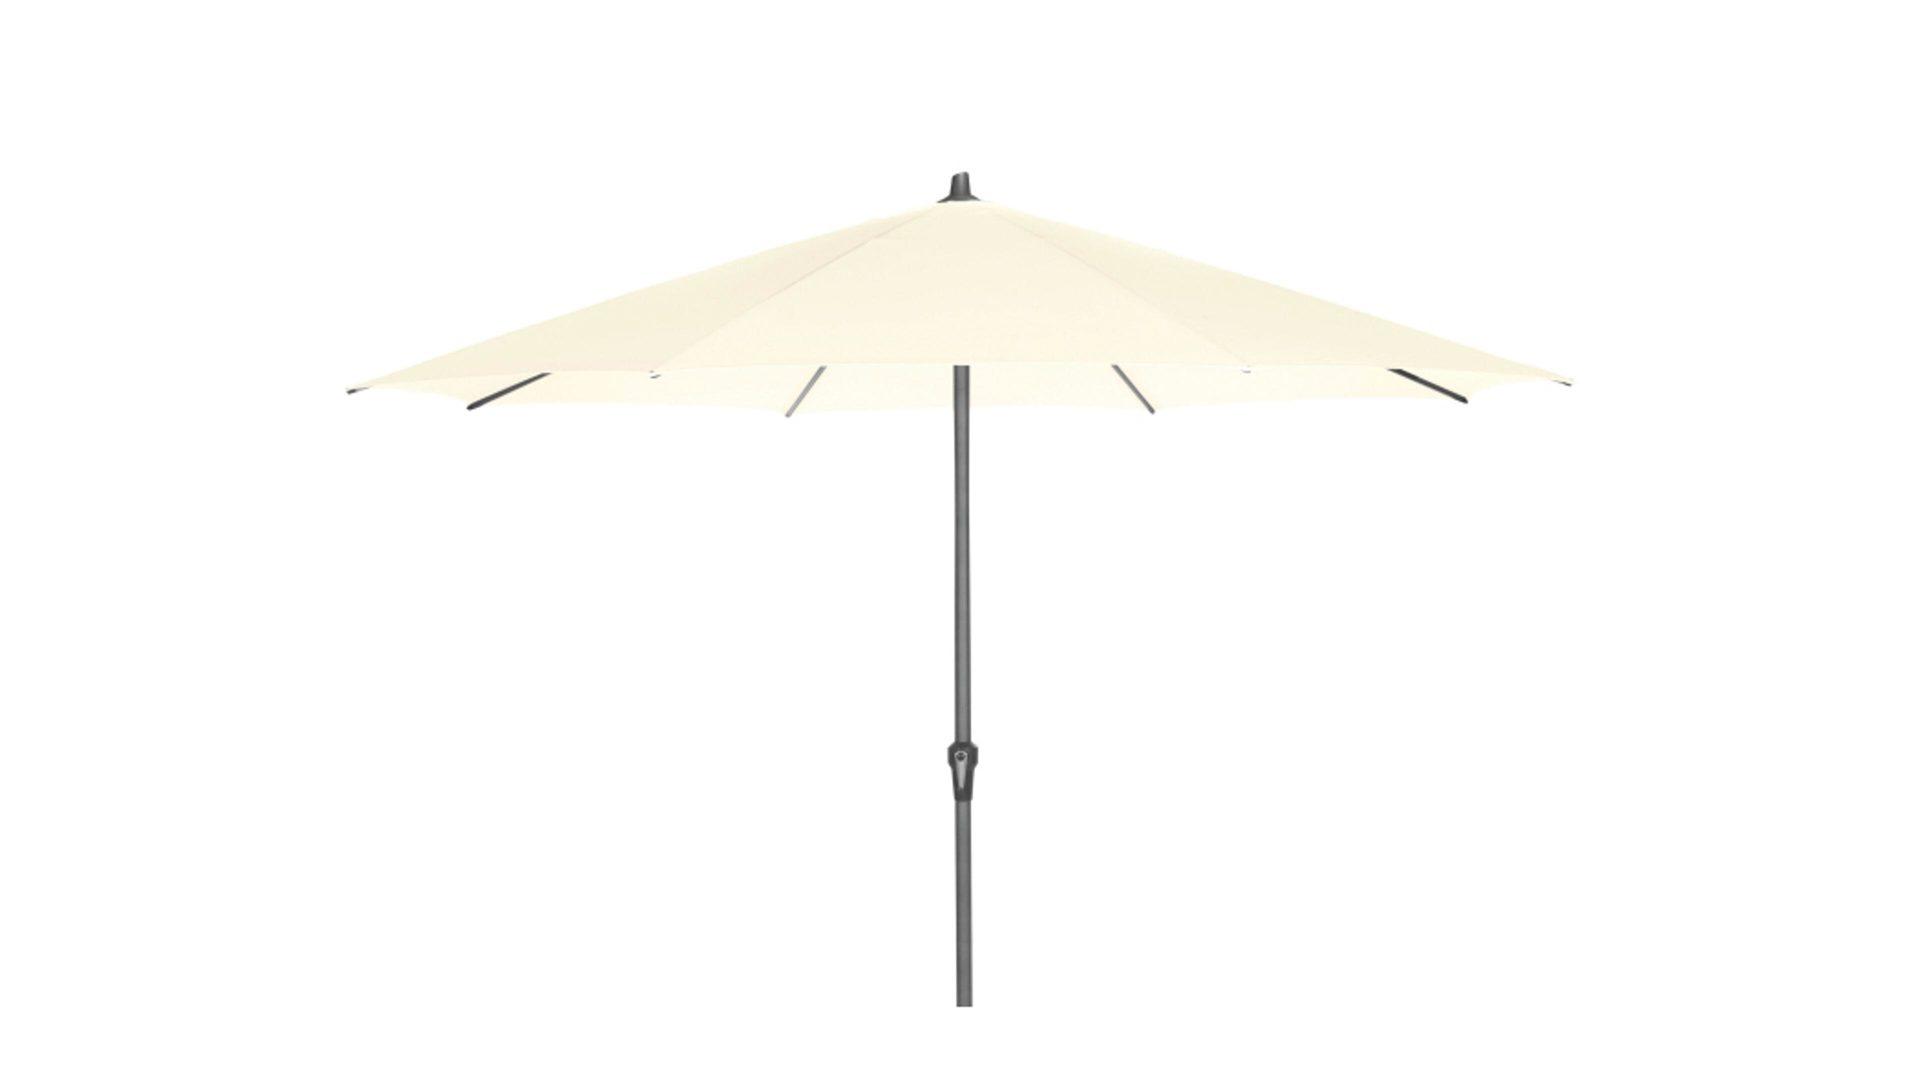 Siena Garden Sonnenschirm Avio Ecrufarbener Bezug Durchmesser Ca